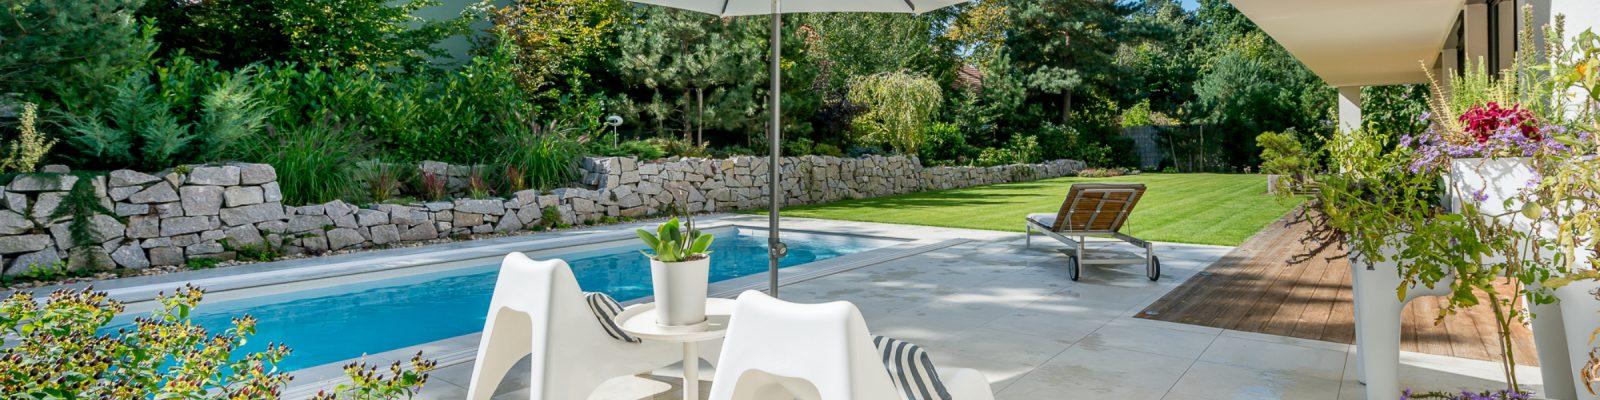 Immowerk - Erfolgreiche Immobilienprojekte